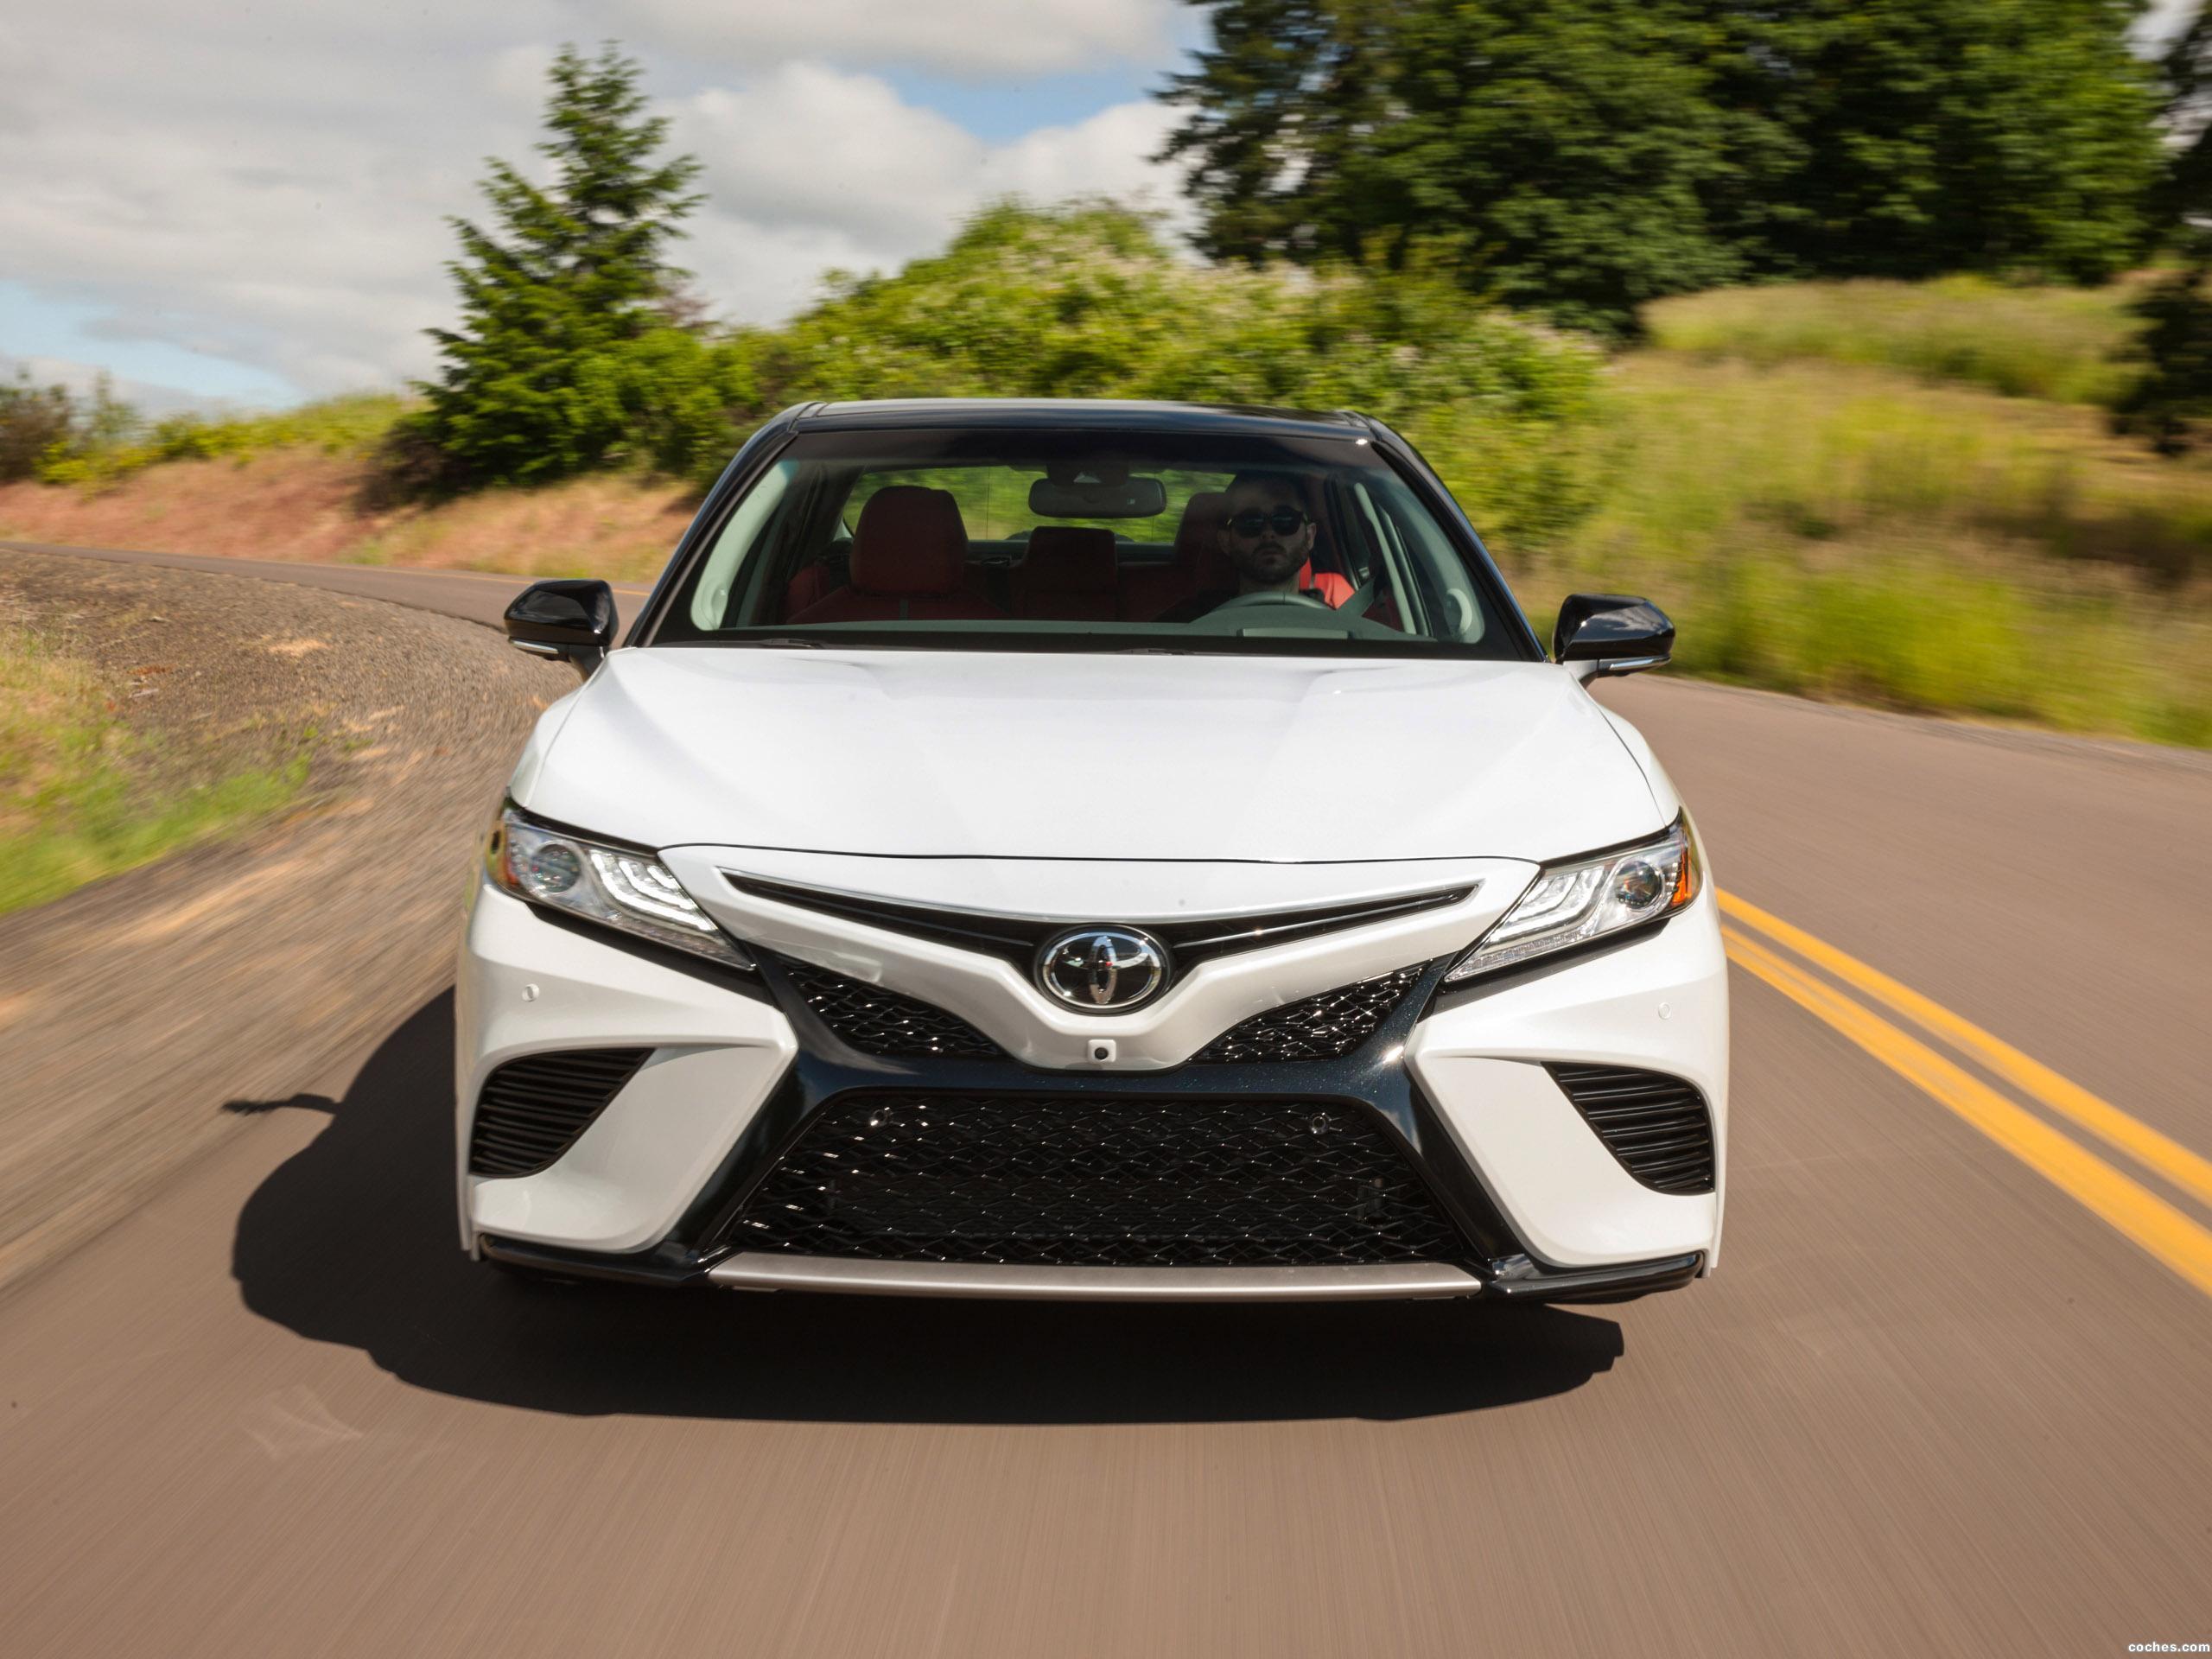 Foto 0 de Toyota Camry XSE USA 2017